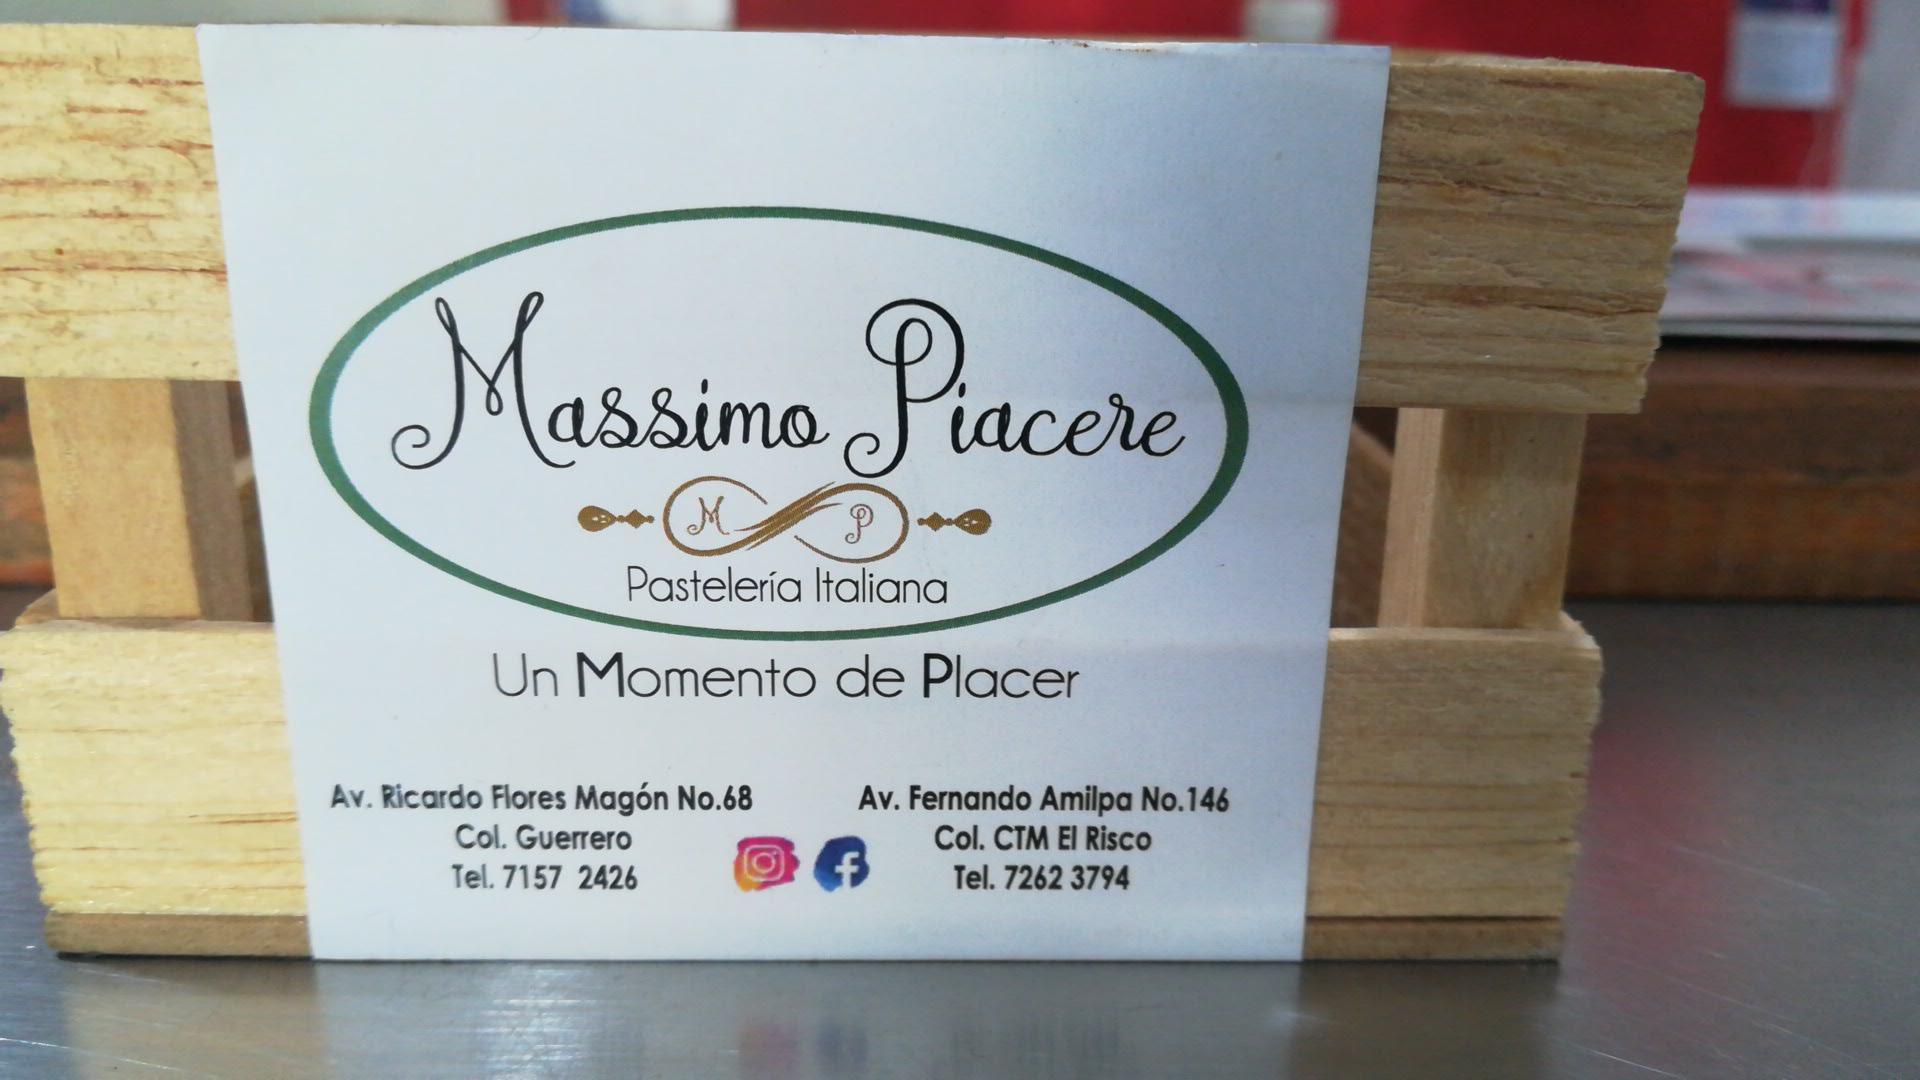 PASTELERÍA MASSIMO PIACERE